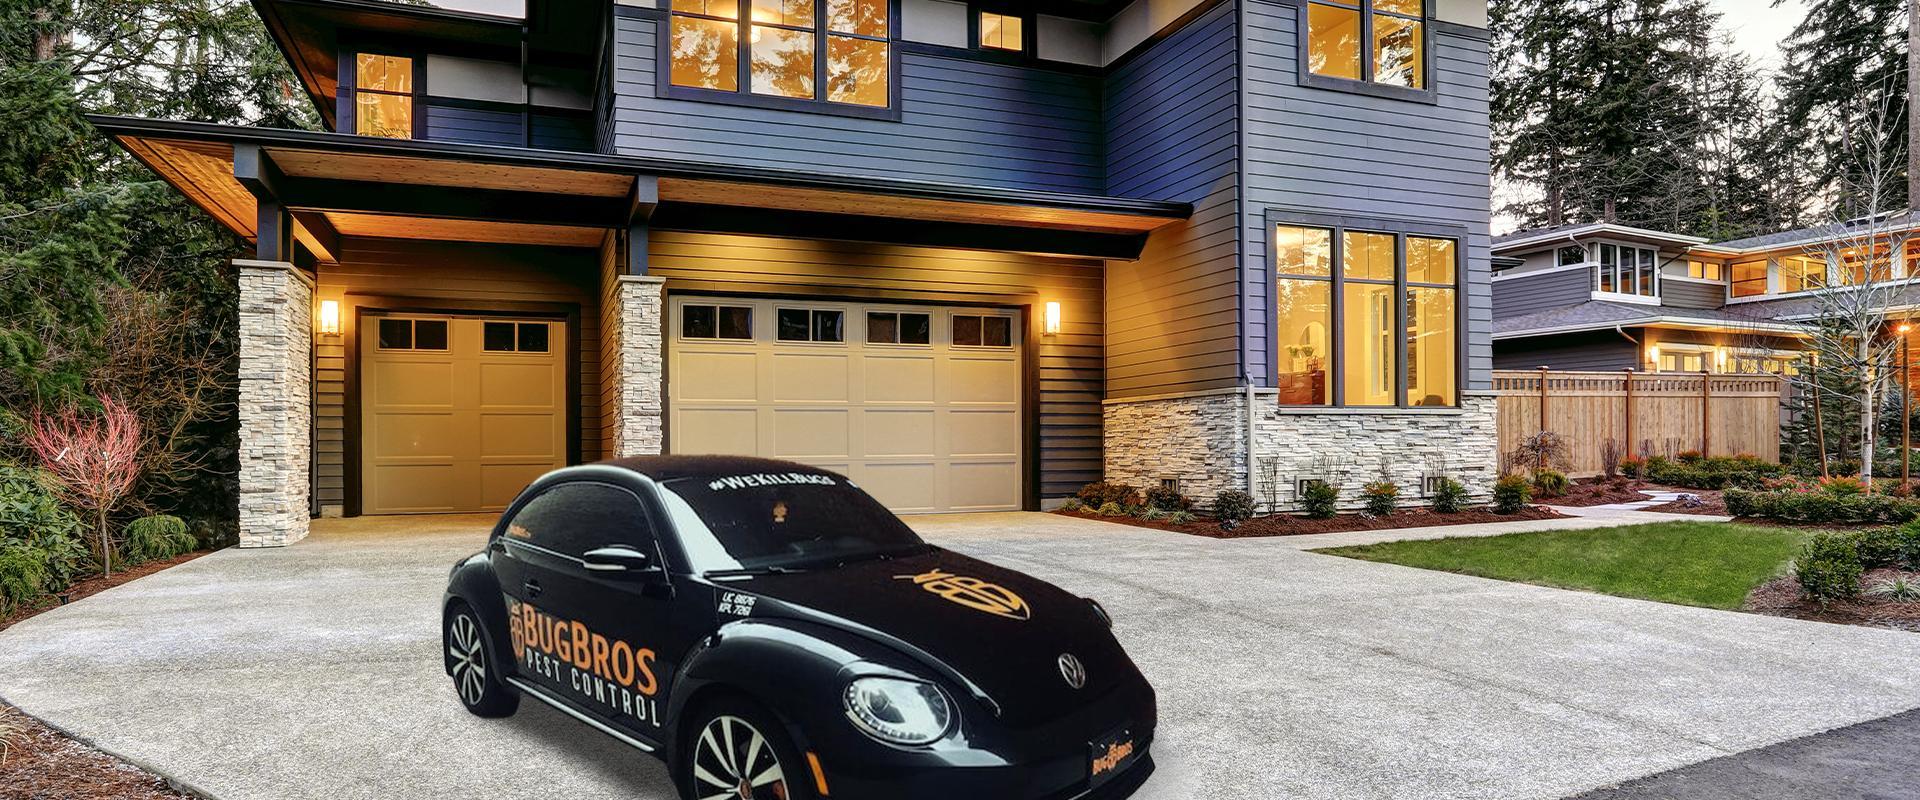 bug bros bug car by a house